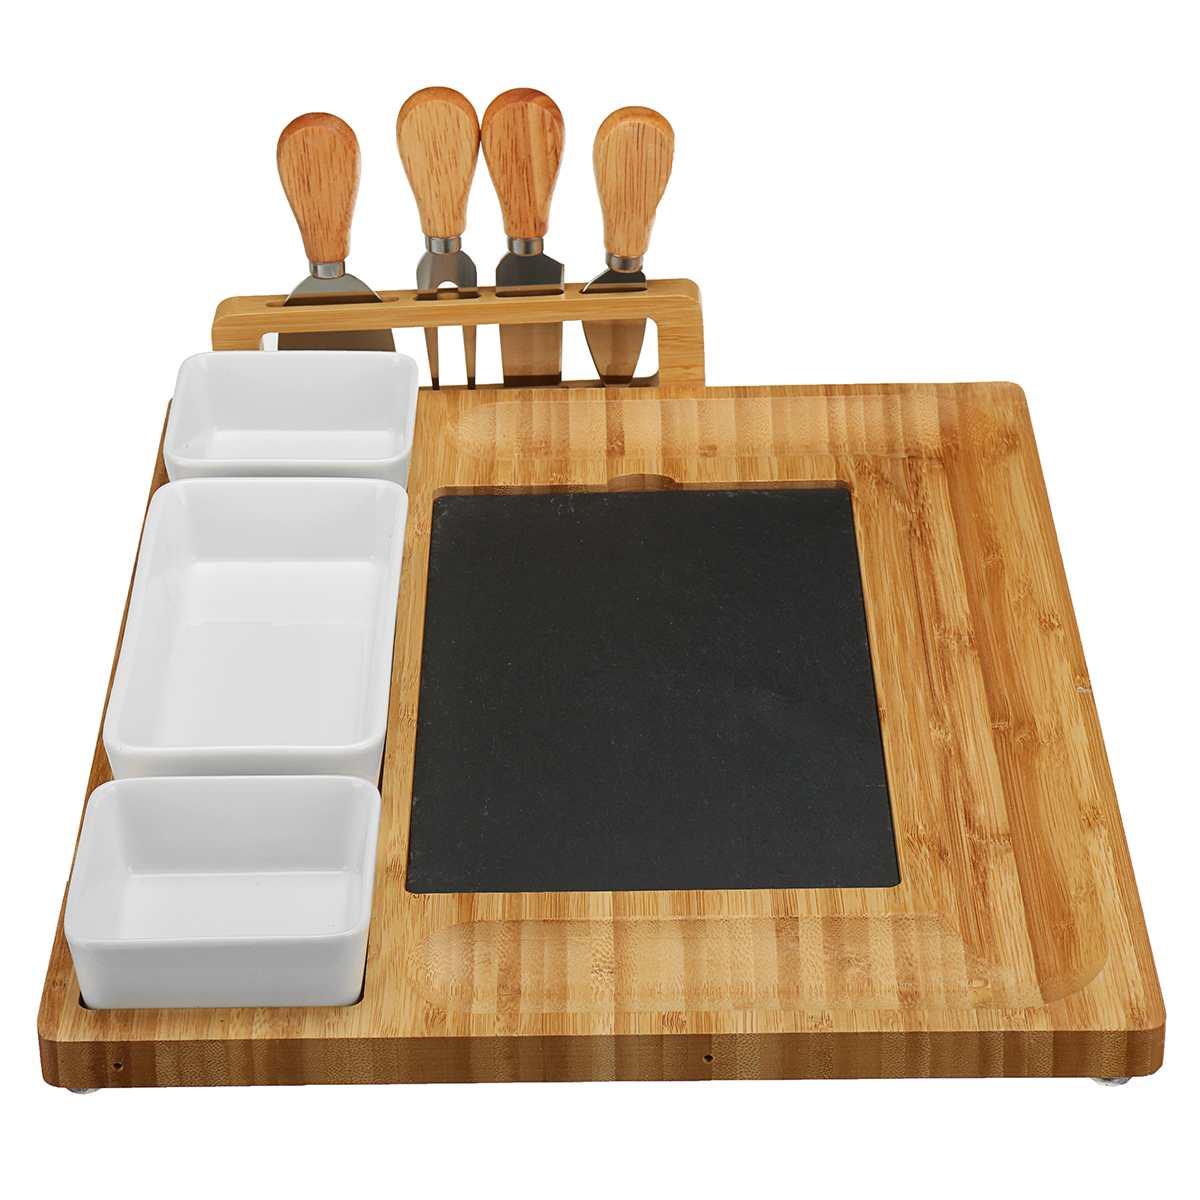 8 قطعة الجبن خشبية مجلس السكاكين Knif مجموعة السكاكين مجموعات أدوات الطبخ سكين للجبن تقطيع شوكة سكوب قطع